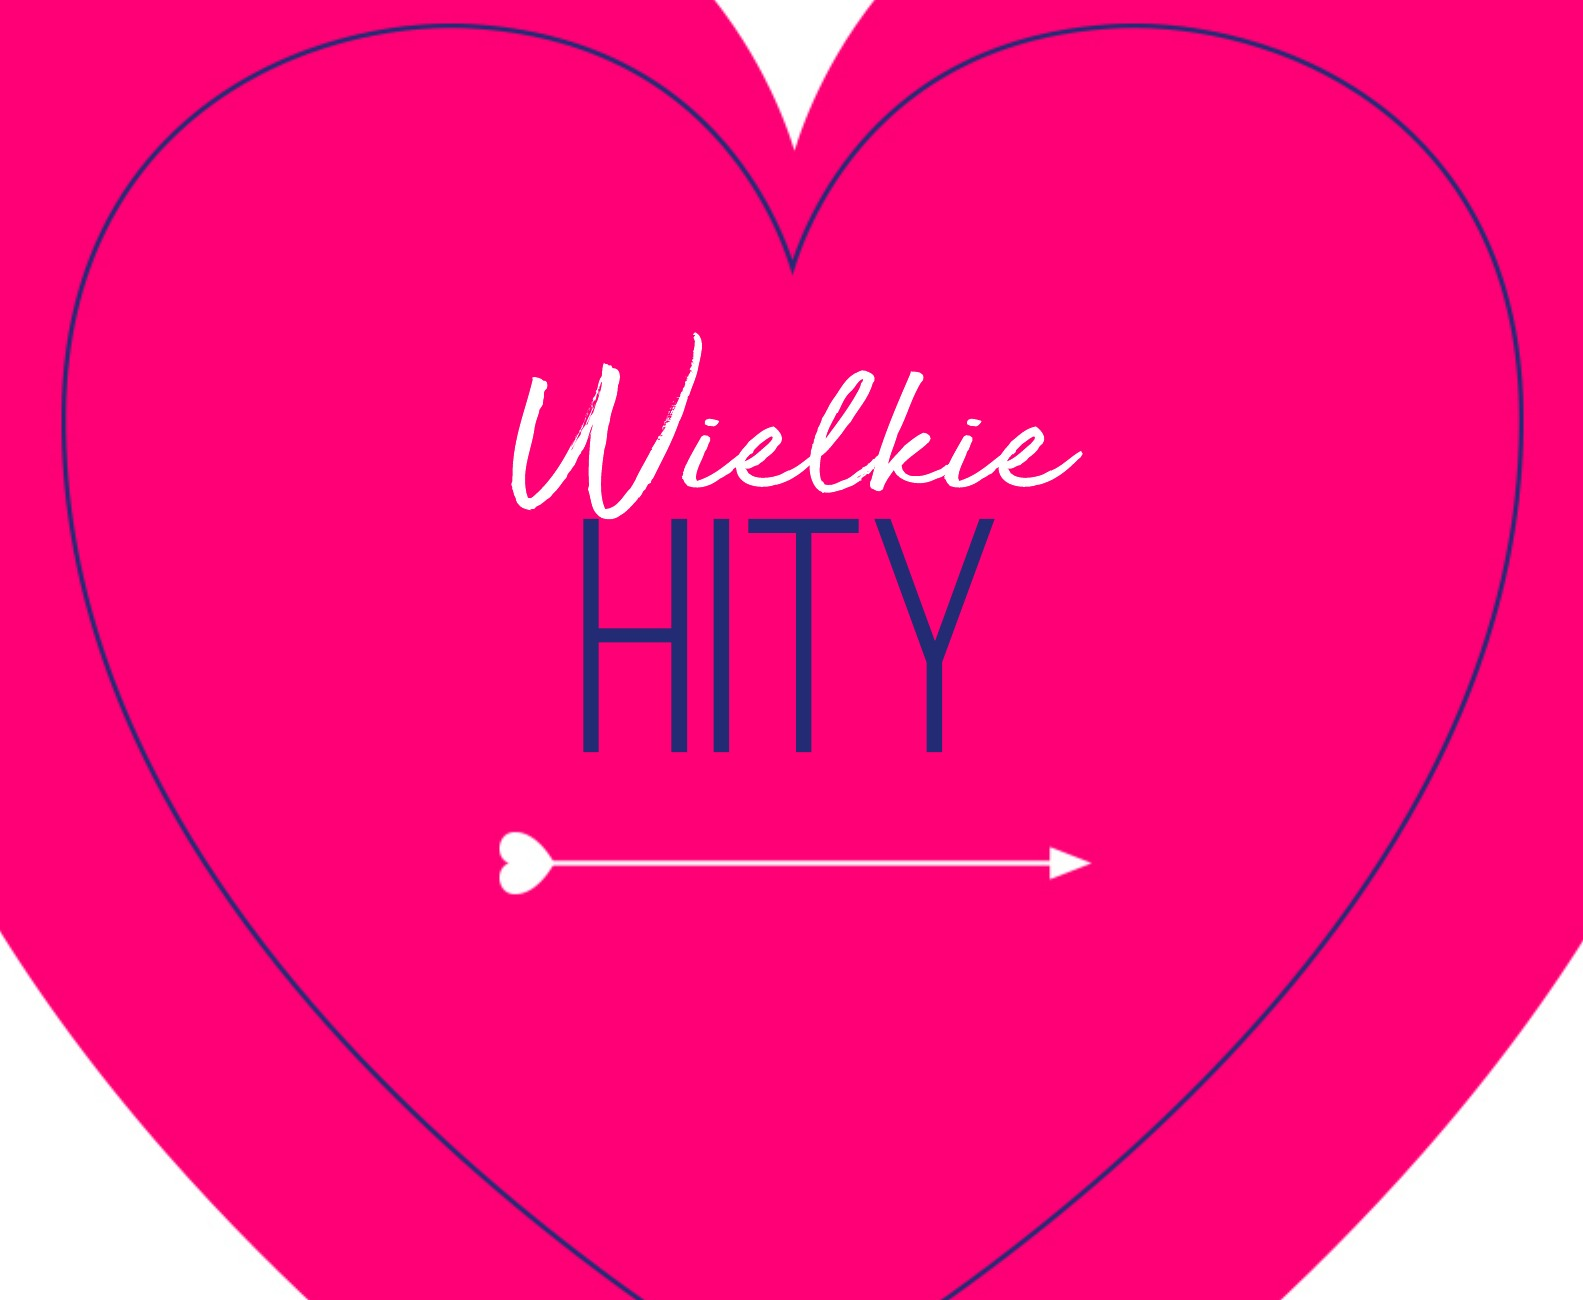 WIELKIE HITY